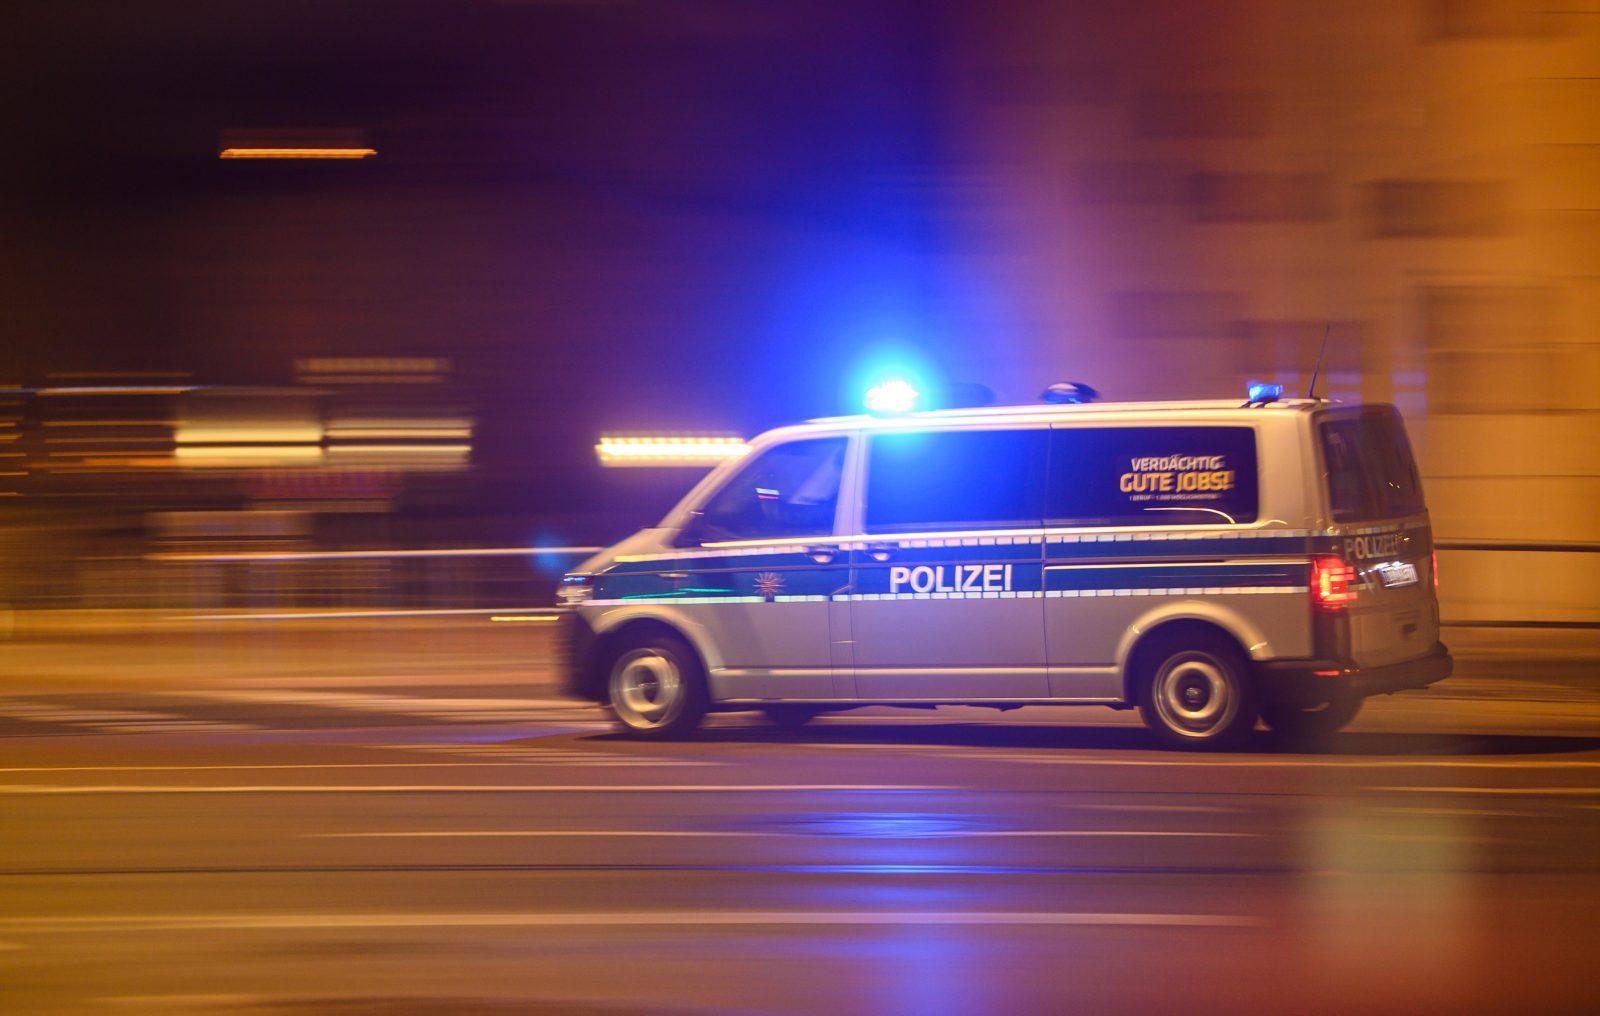 Polizei Sachsen: LKA prüft Ermittlungen